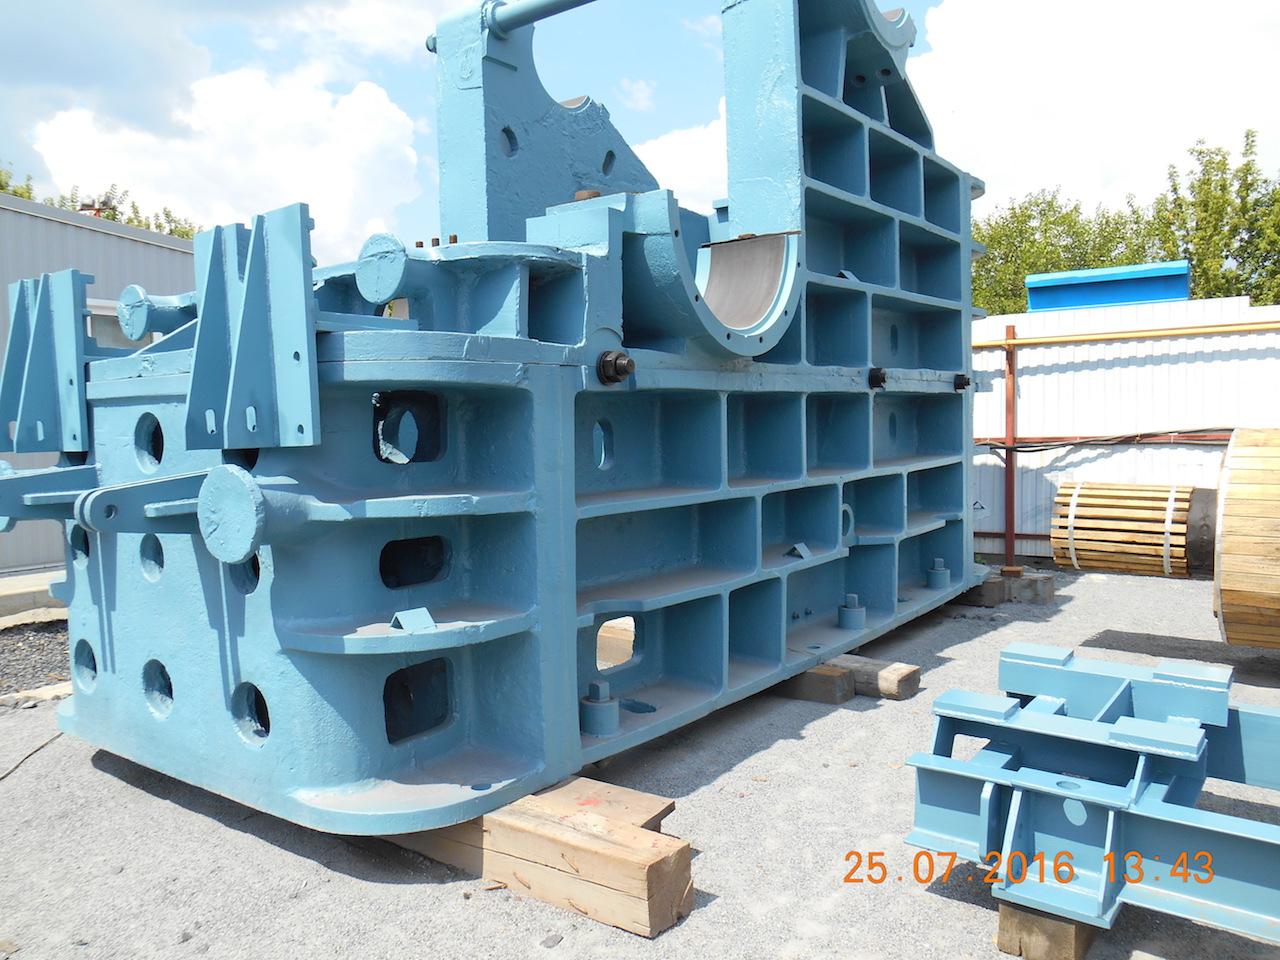 Купить конусную дробилку в Сергиев Посад производство горно шахтного оборудования в Нефтеюганск